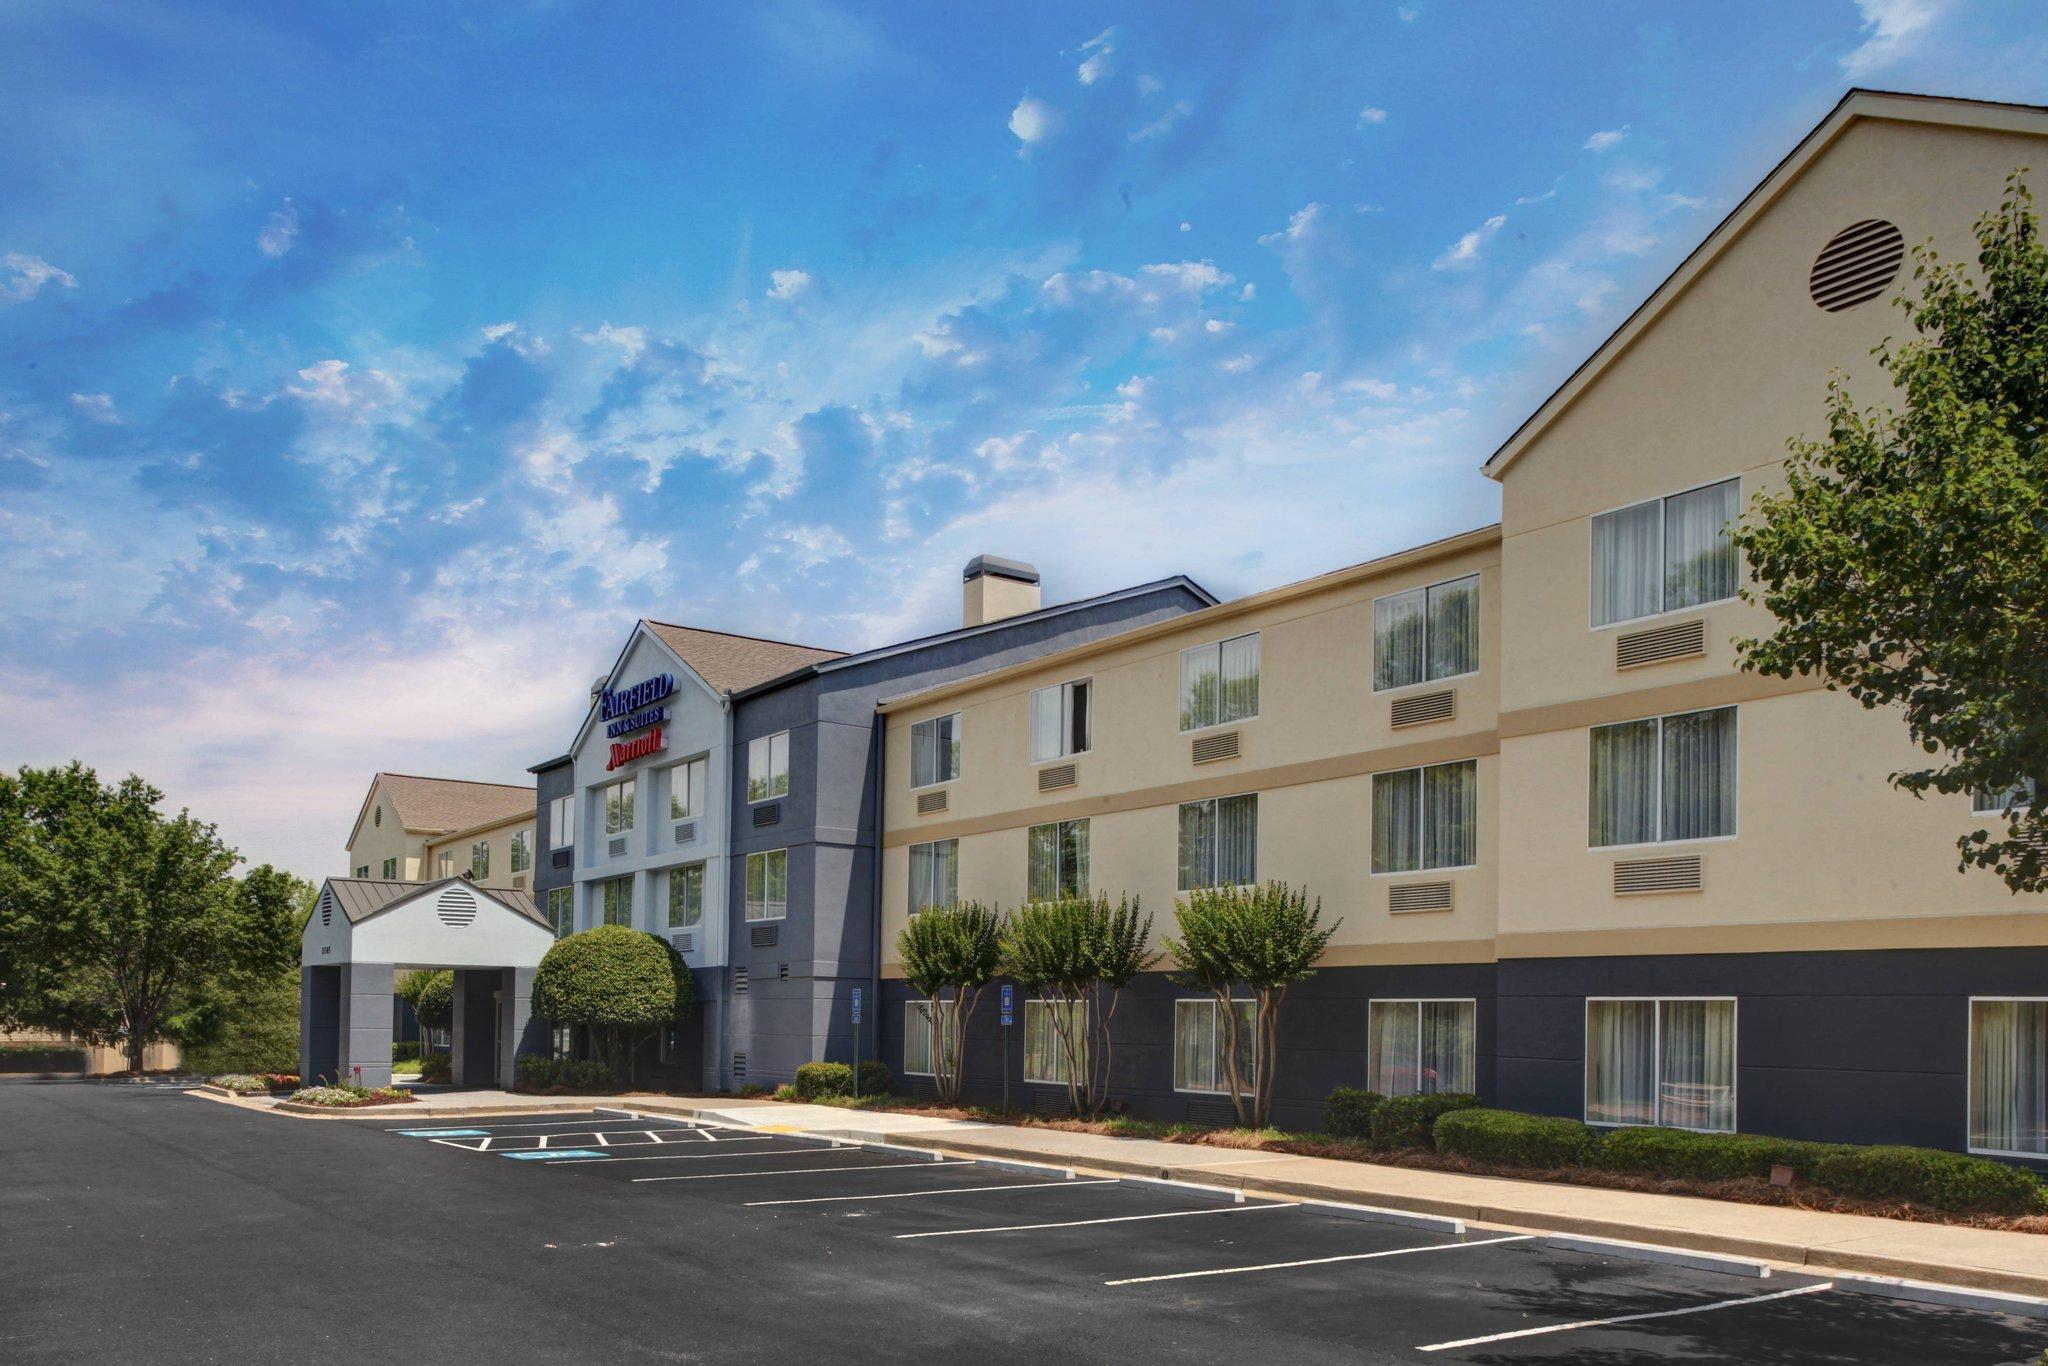 Fairfield Inn And Suites Atlanta Alpharetta